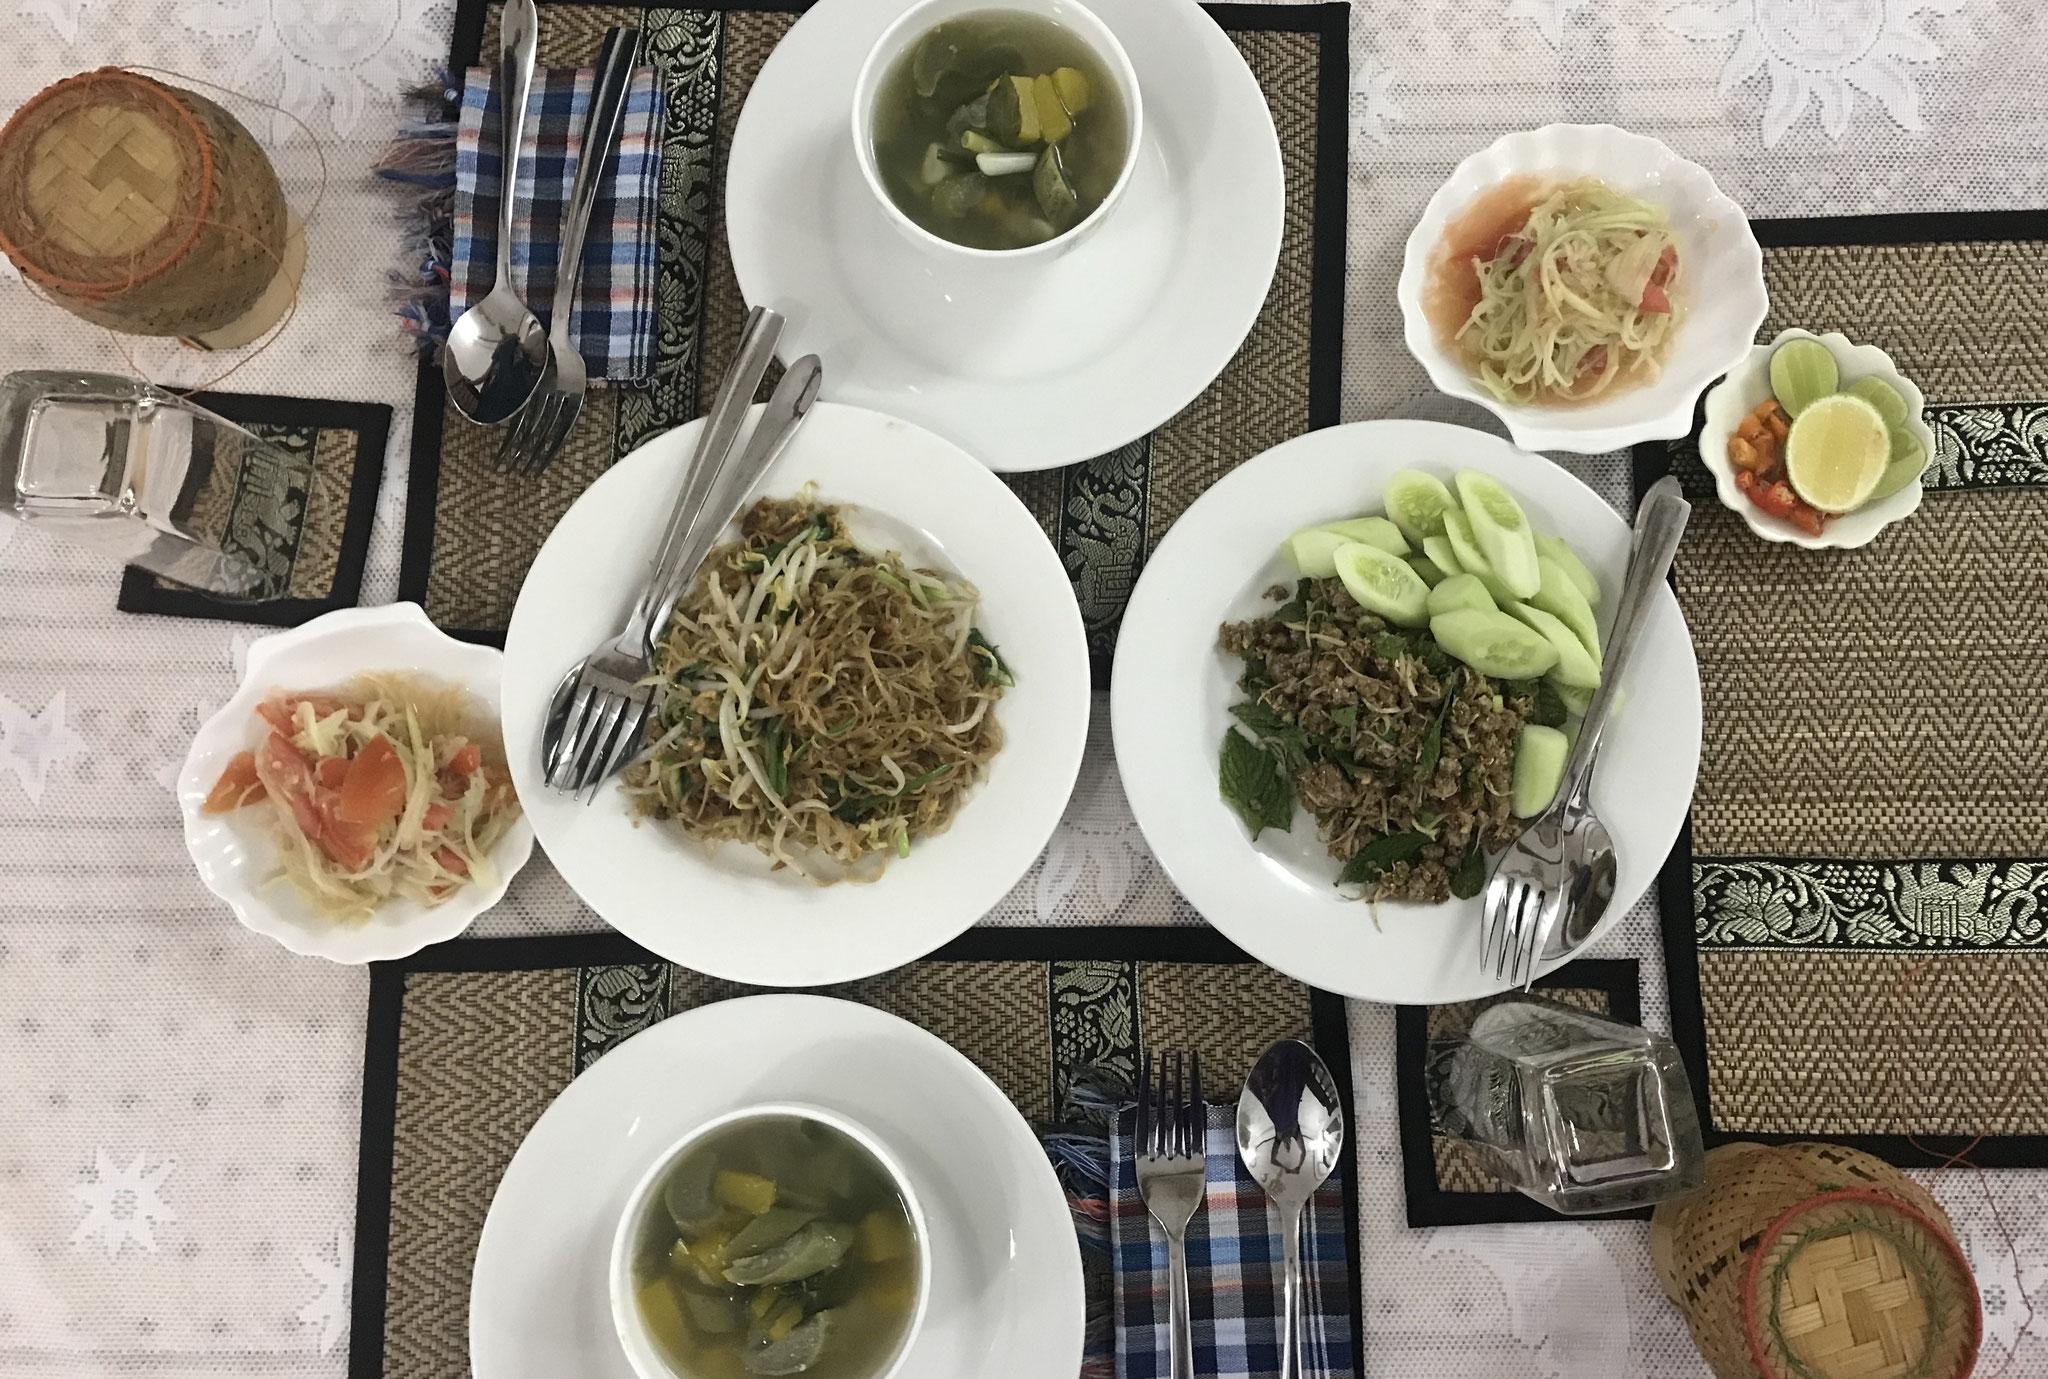 Papaya Salat, Suppe mit Fleisch und Gemüse, Lab Khai und gebratene Nudeln